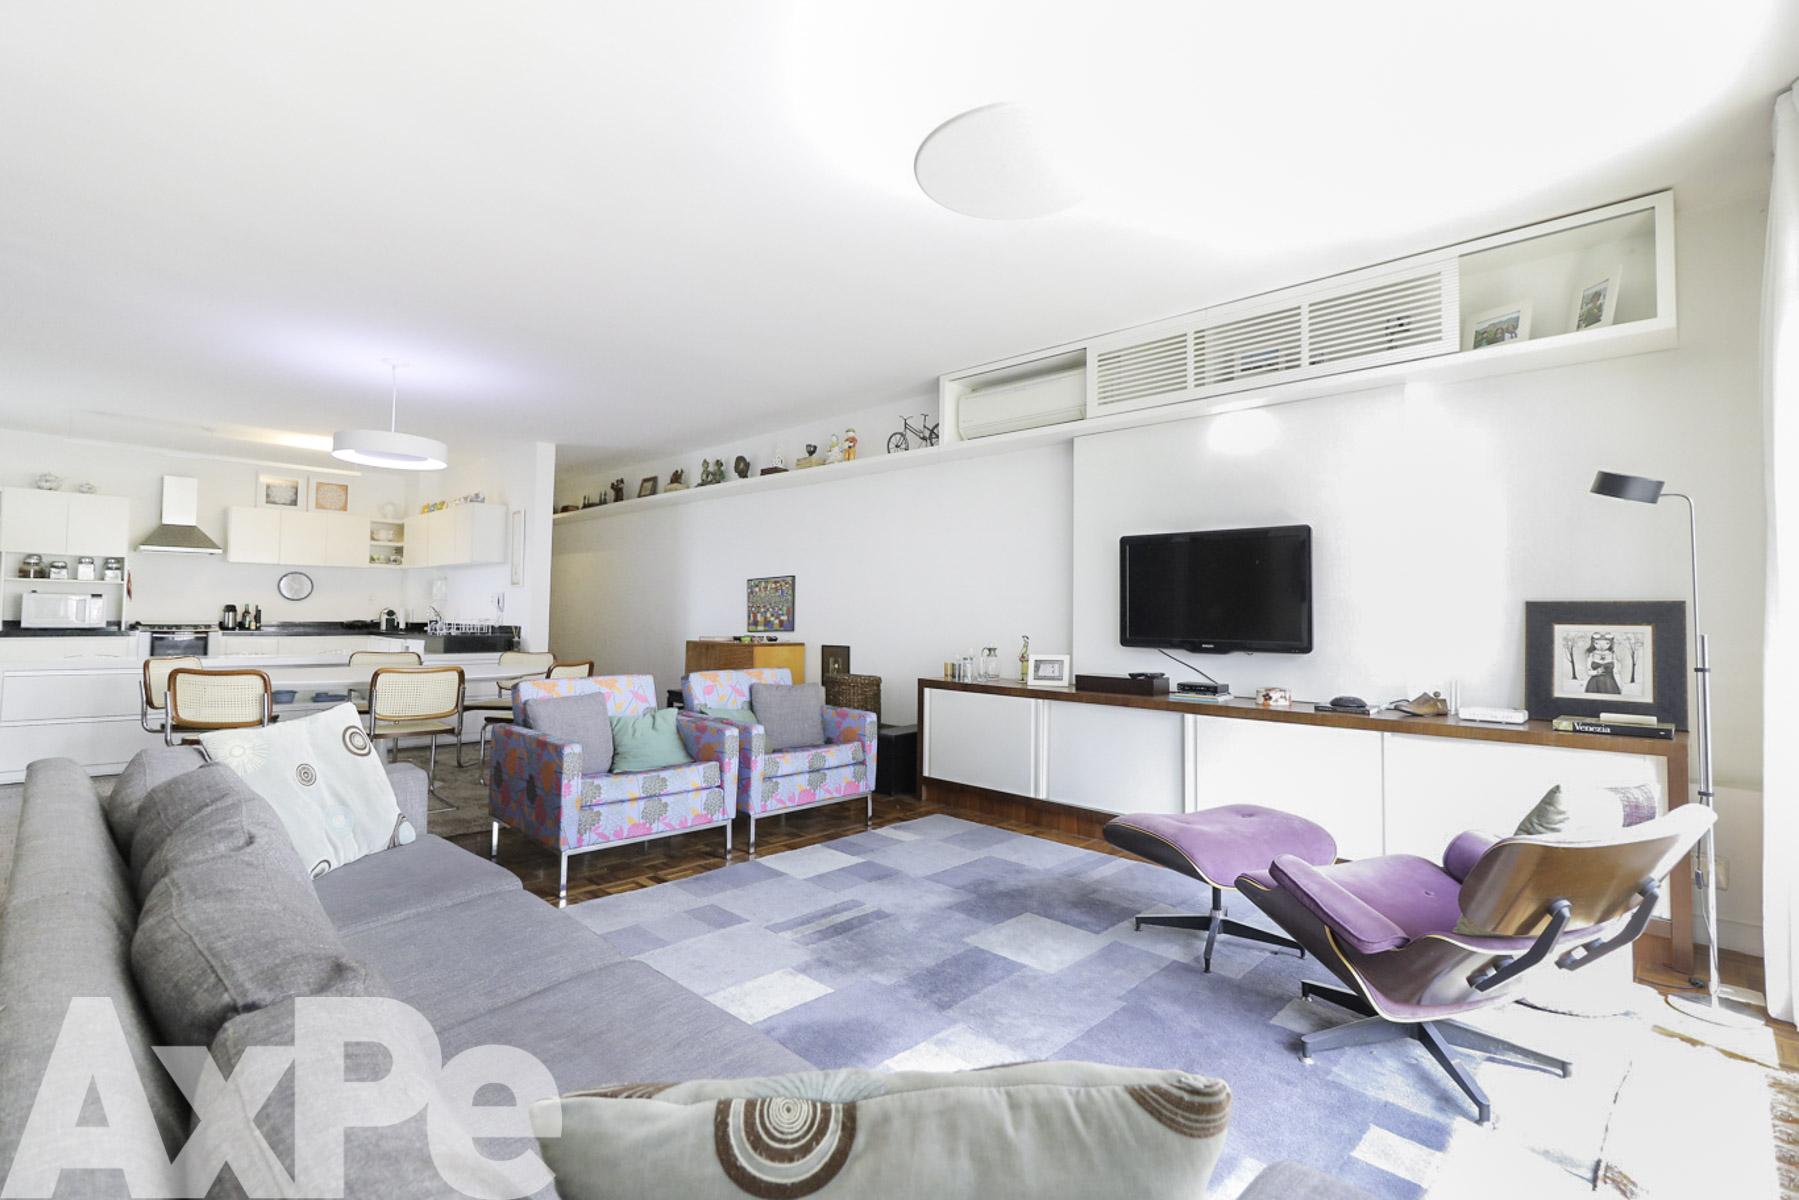 Axpe Apartamento - AX146706